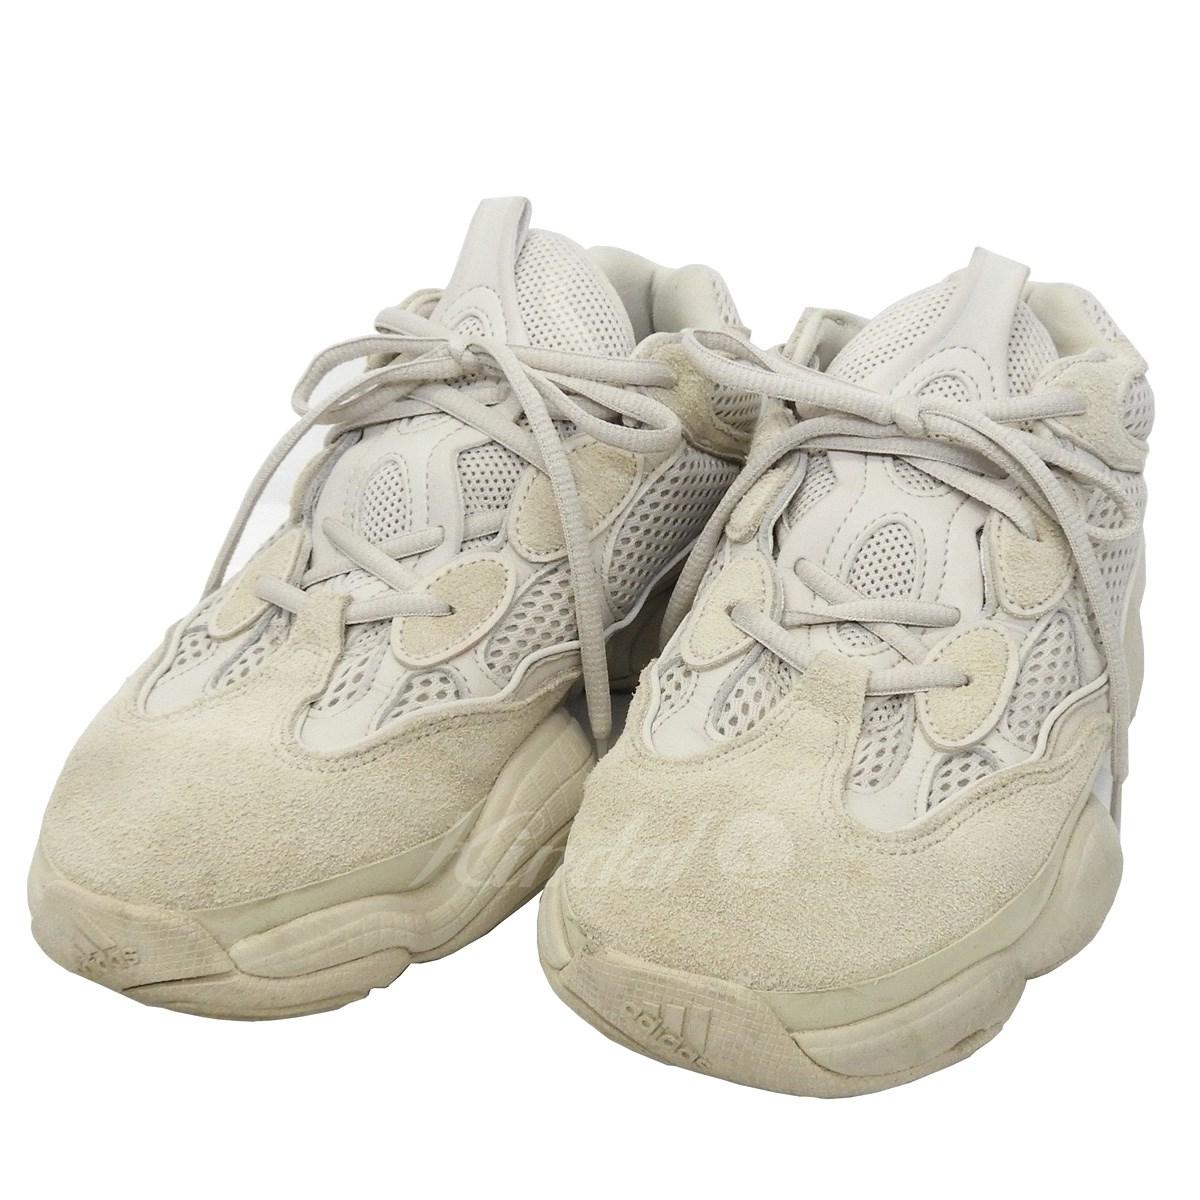 【中古】adidas originals by Kanye West 「YEEZY 500」スニーカー ブラッシュ サイズ:25.5cm 【送料無料】 【051018】(アディダスオリジナルスバイカニエウエスト)